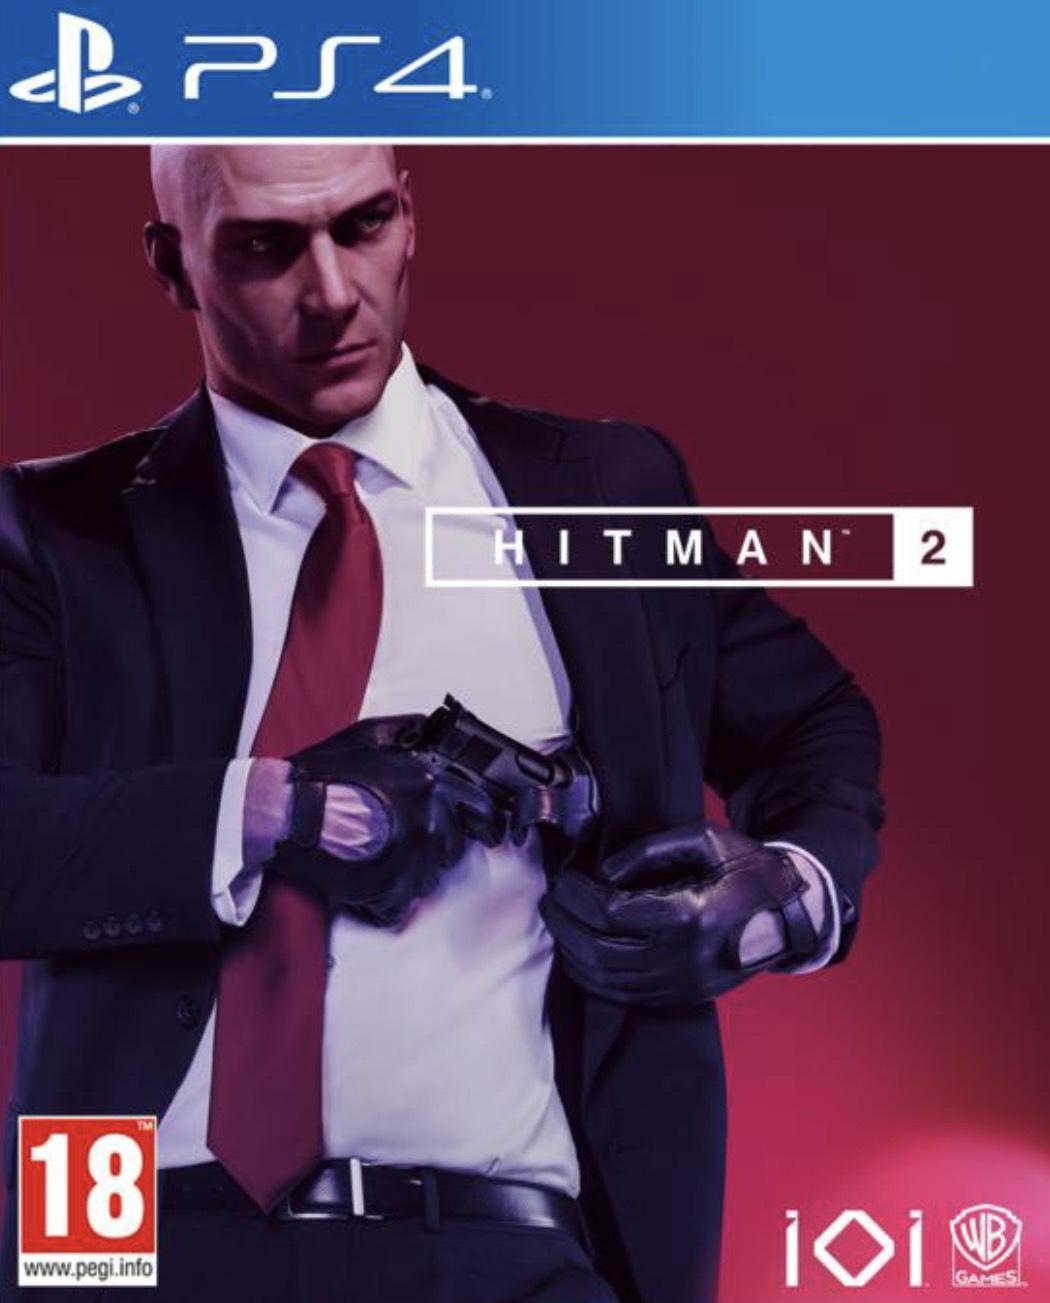 Jeu Hitman 2 sur PS4 (+ 15€ de bon d'achat Wonderbox)